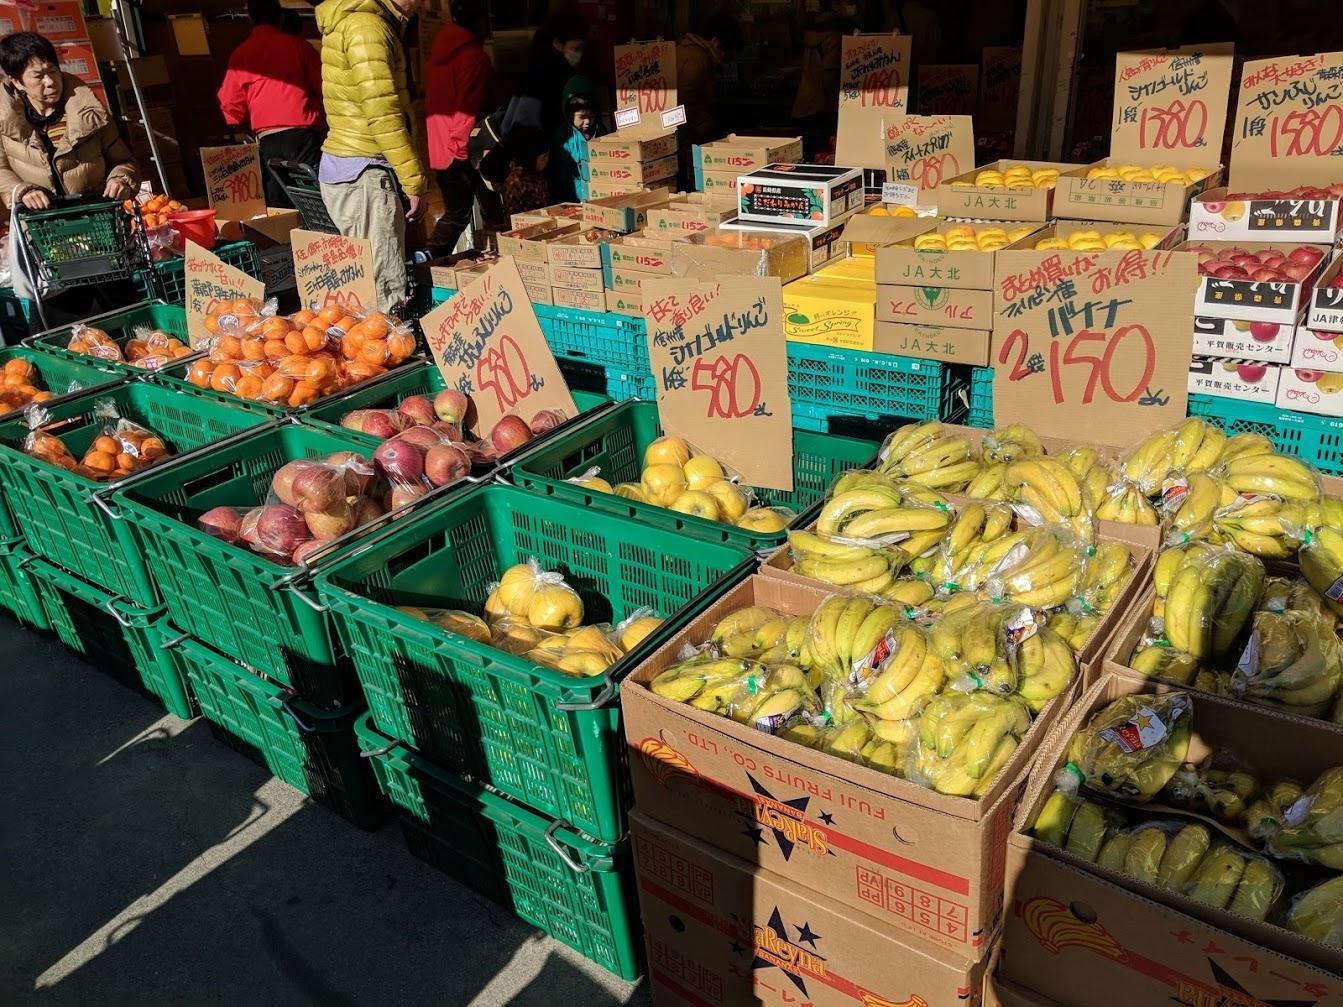 Сезонные яблоки и мандарины. И всесезонные бананы